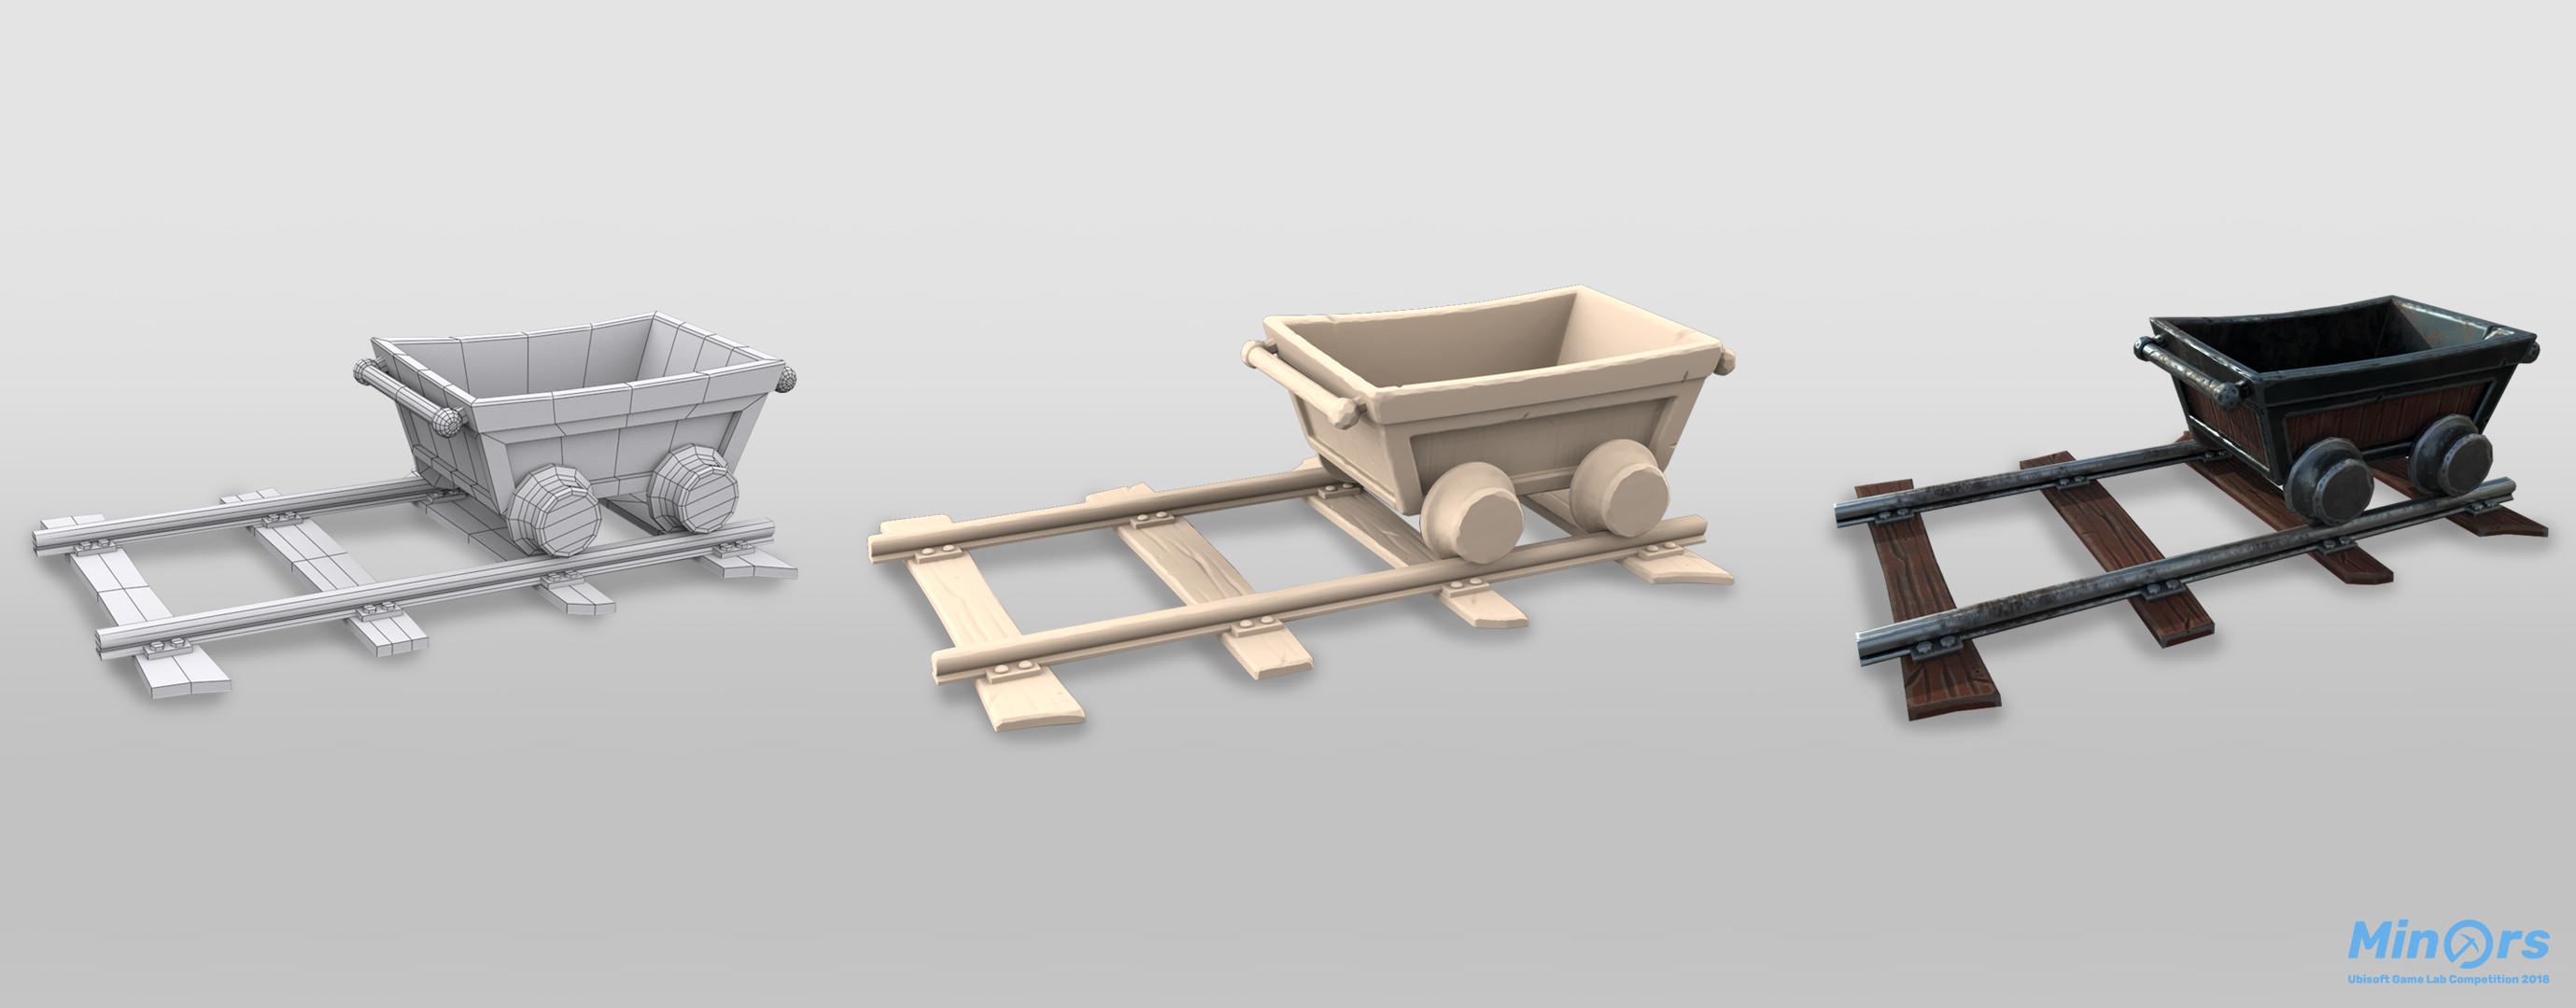 Cart Depot